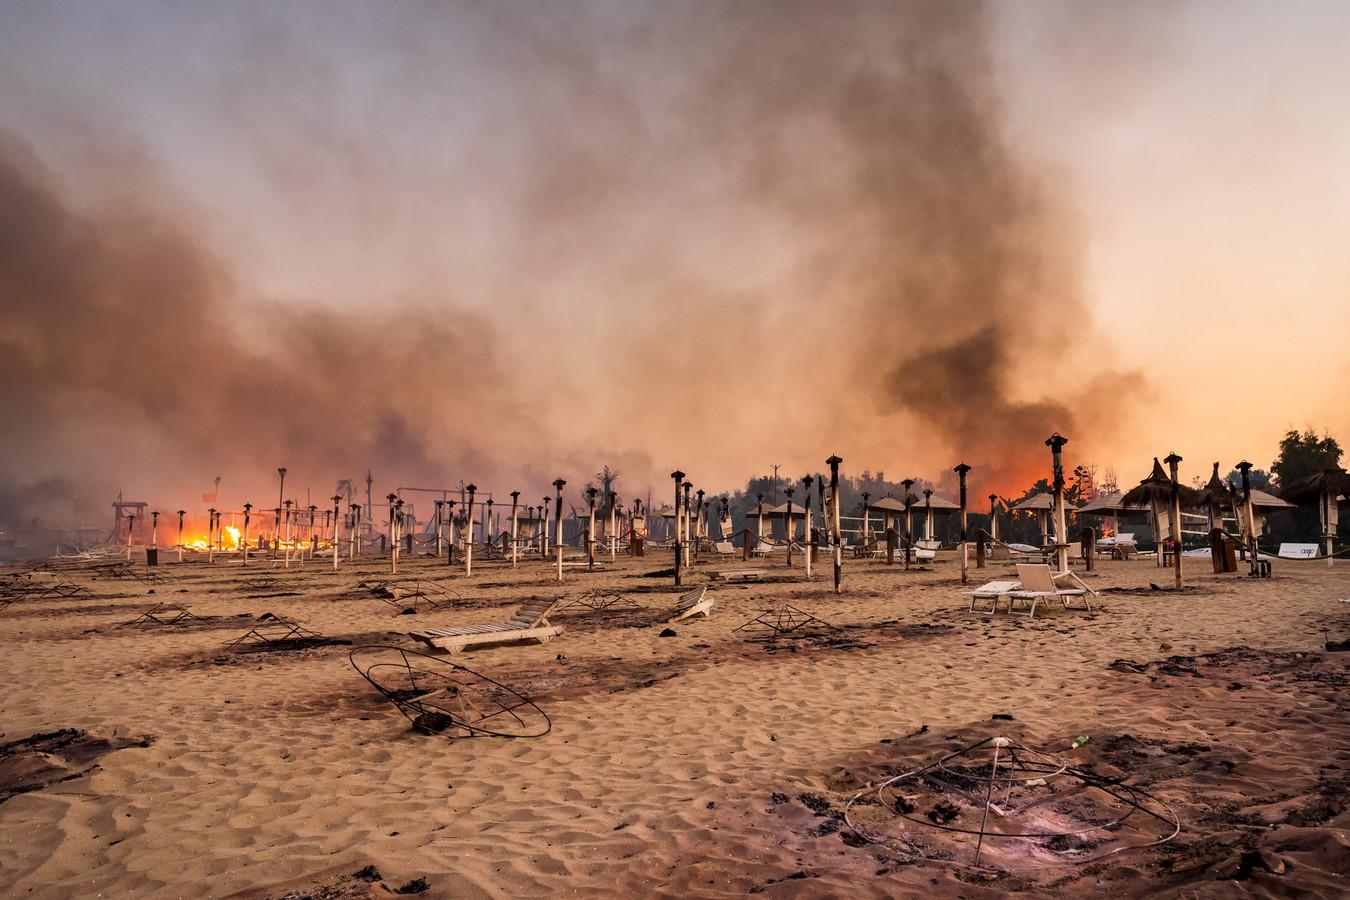 Incendie sur la plage de Le Capannine à Catane, en Sicile, en Italie, le 30 juillet 2021.